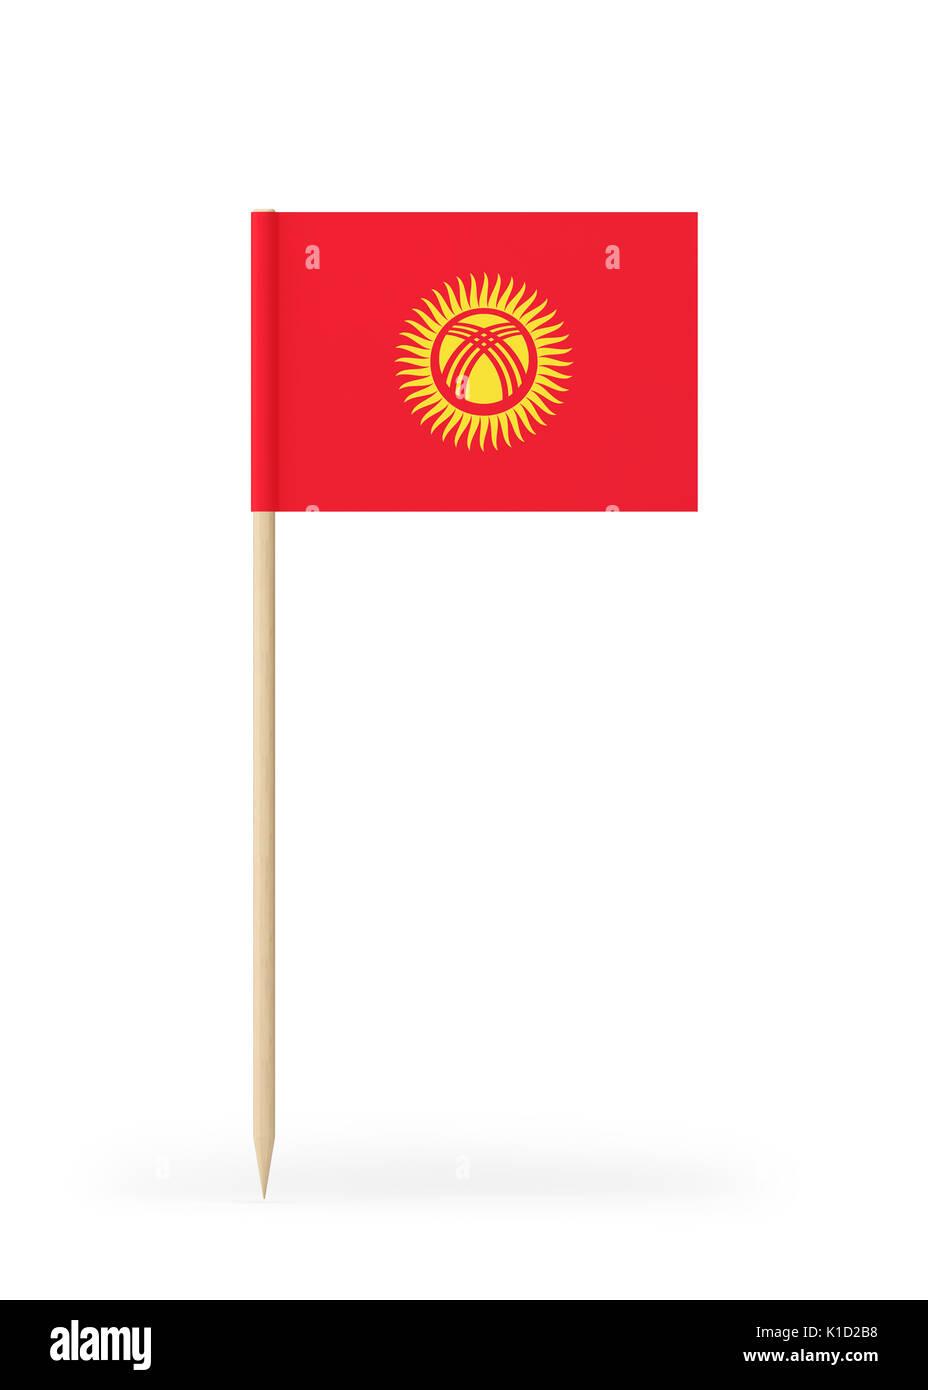 Niedlich Zahnstocher Flags Vorlage Ideen - Beispielzusammenfassung ...